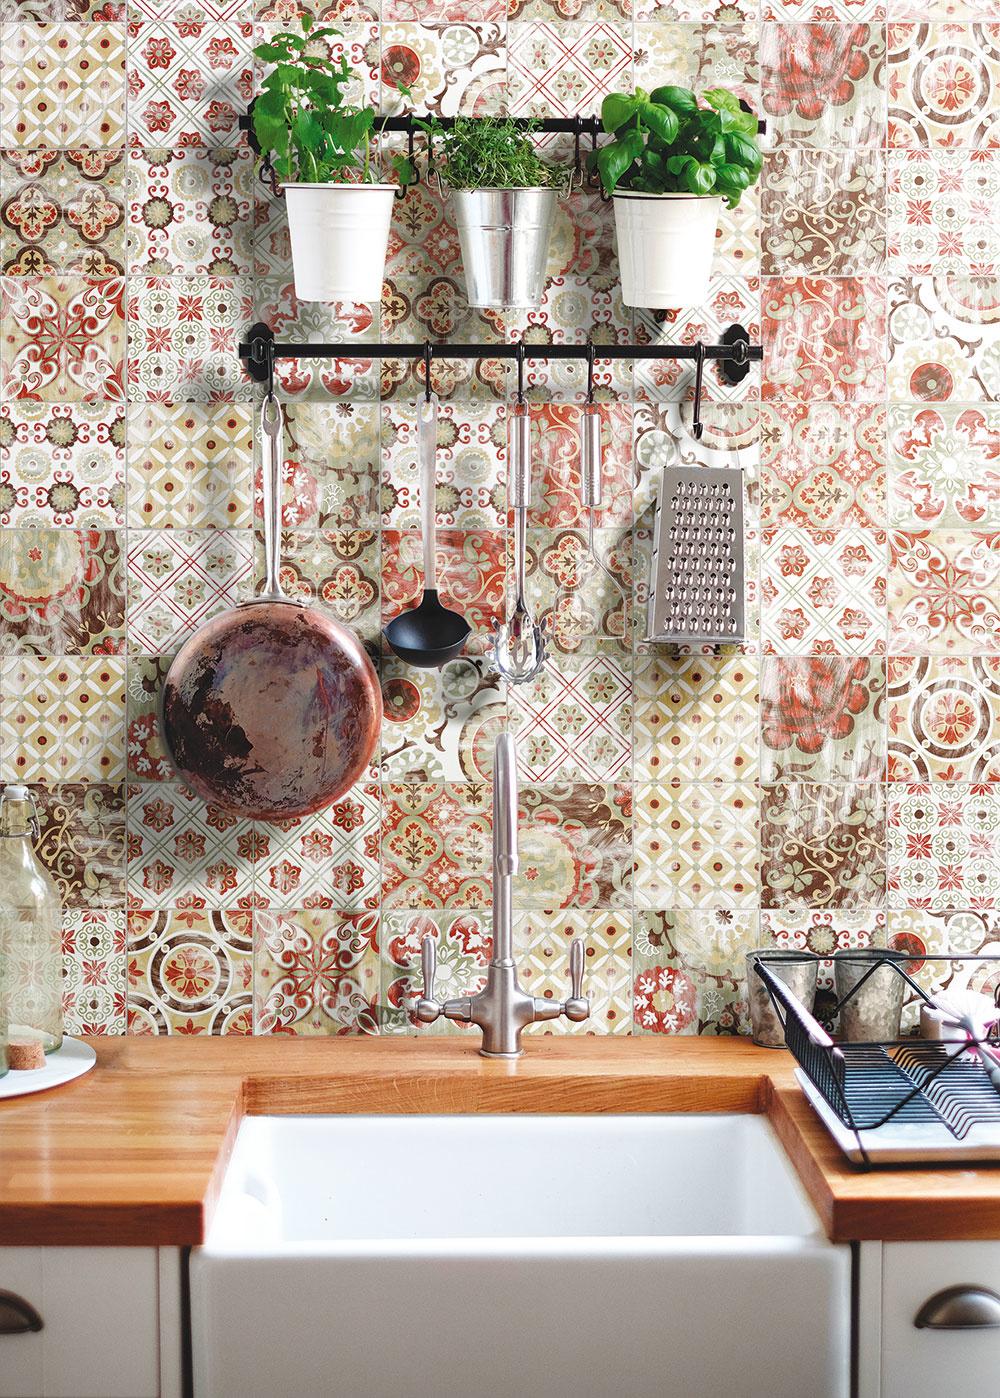 Ručne vyrábaný obklad inšpirovaný tradíciou stredomorských vzorov. Prispôsobivý a kombinovateľný s rôznymi materiálmi, ako je drevo, betón a iné moderné povrchy.